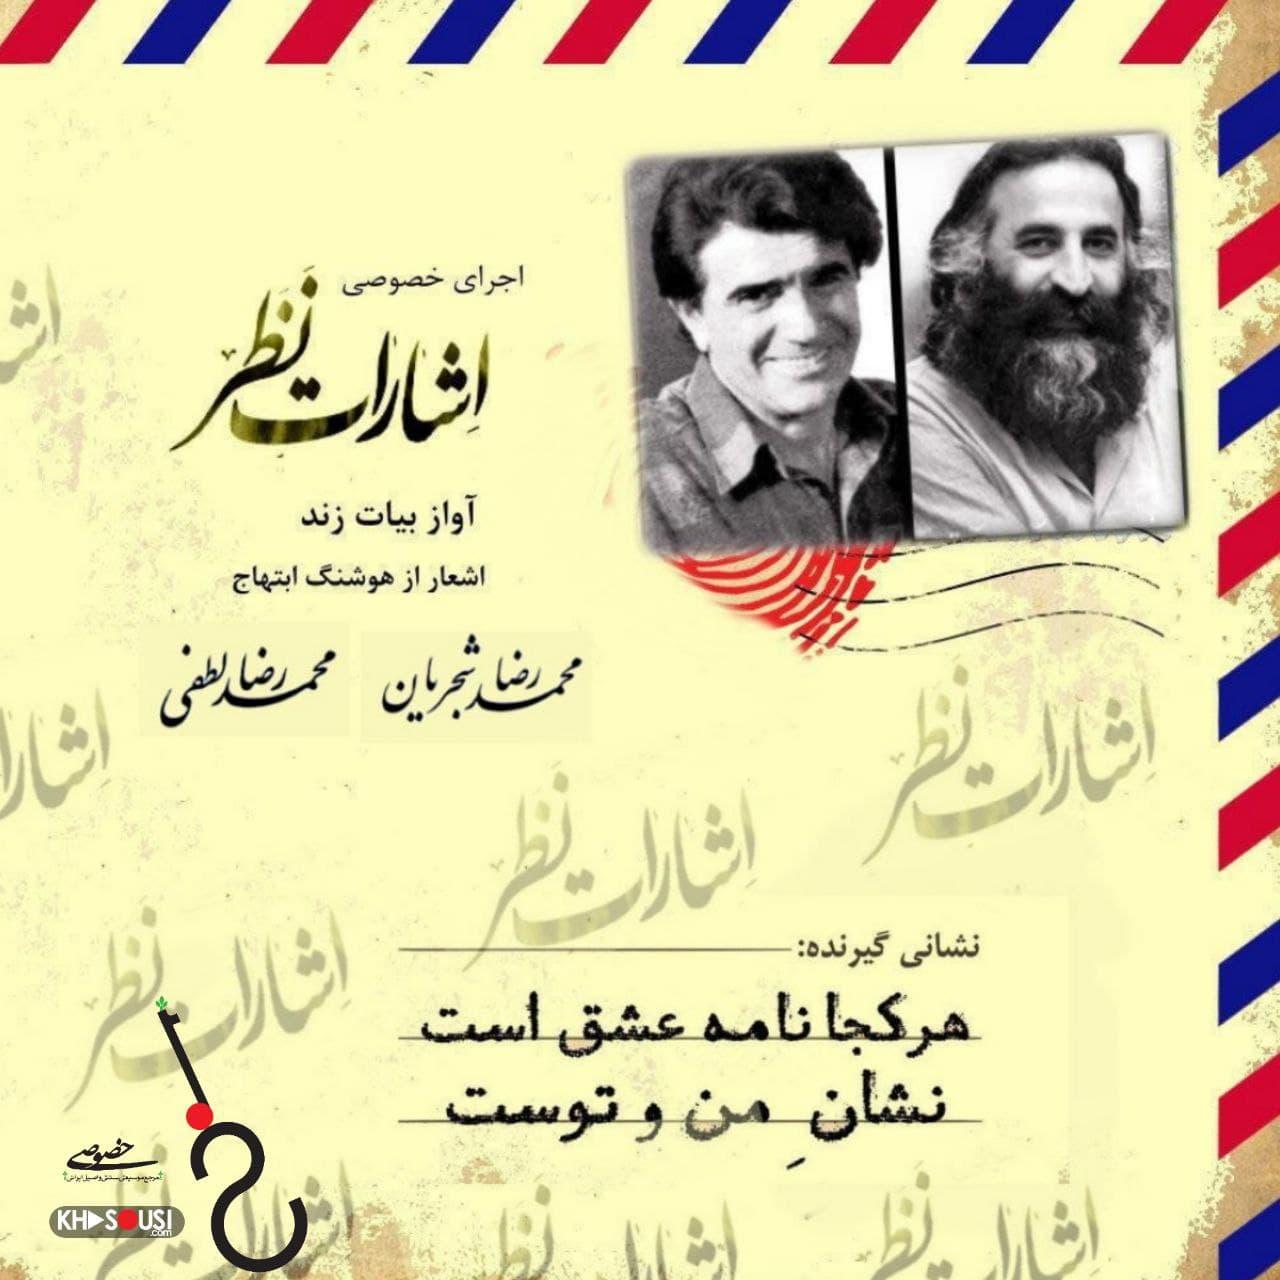 اشارات نظر - اجرای خصوصی محمدرضا شجریان و محمدرضا لطفی